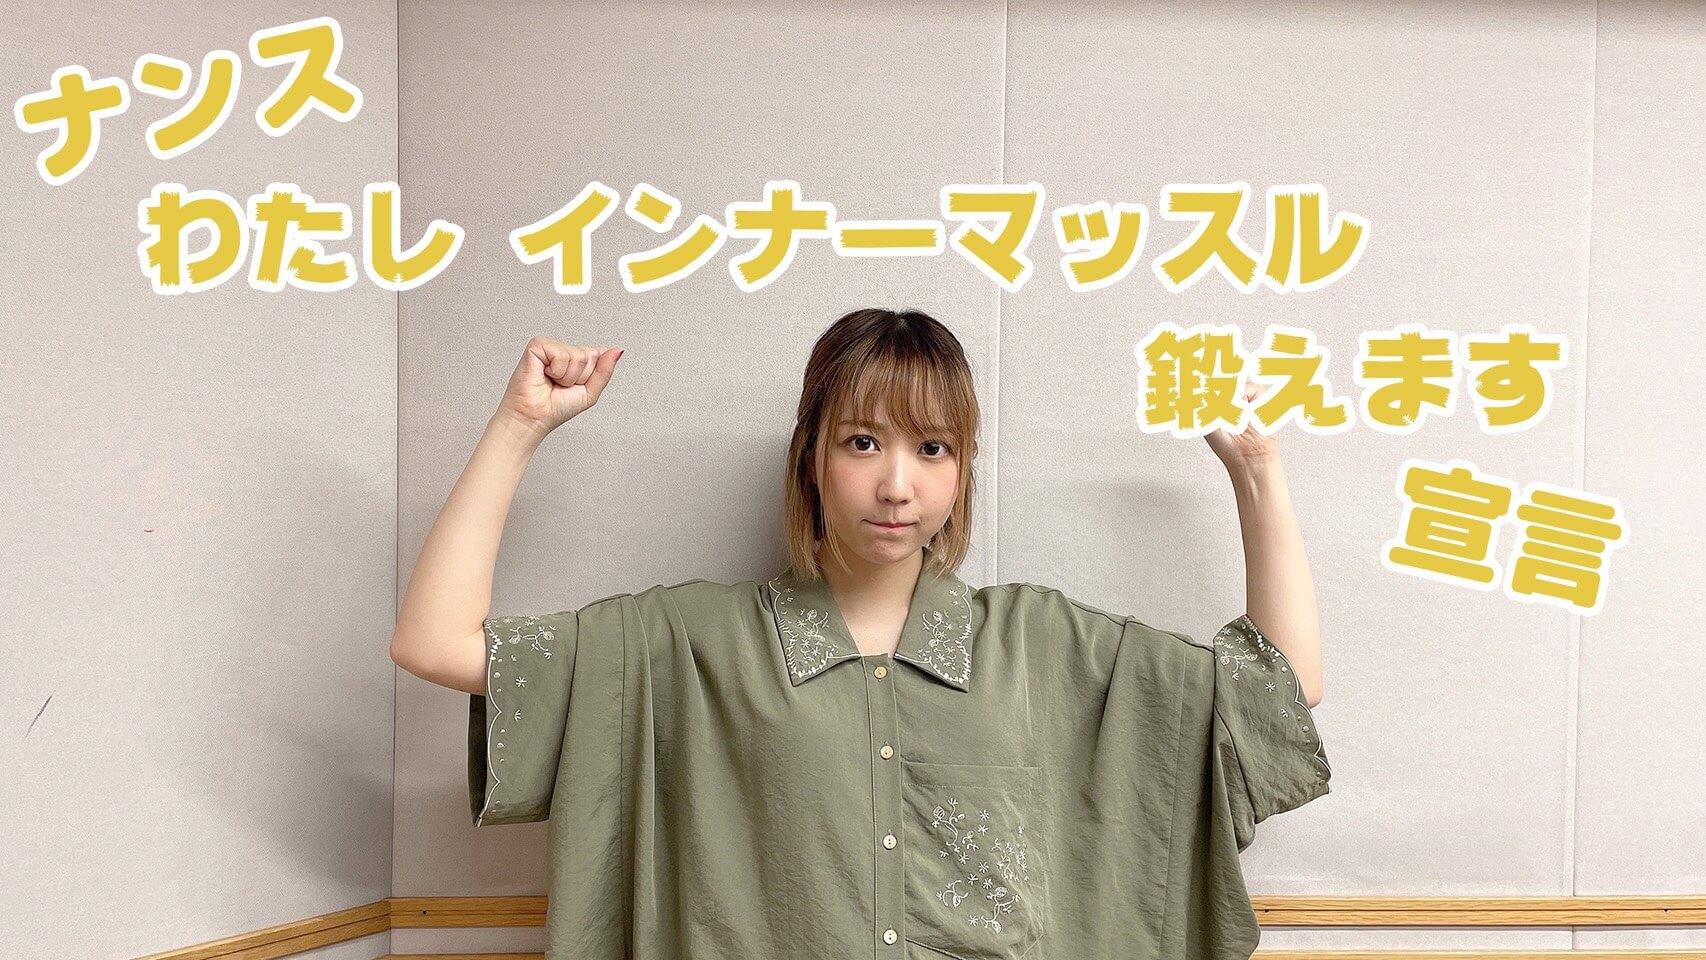 【夏川椎菜】ナンス「わたし、インナーマッスル鍛えます」宣言!